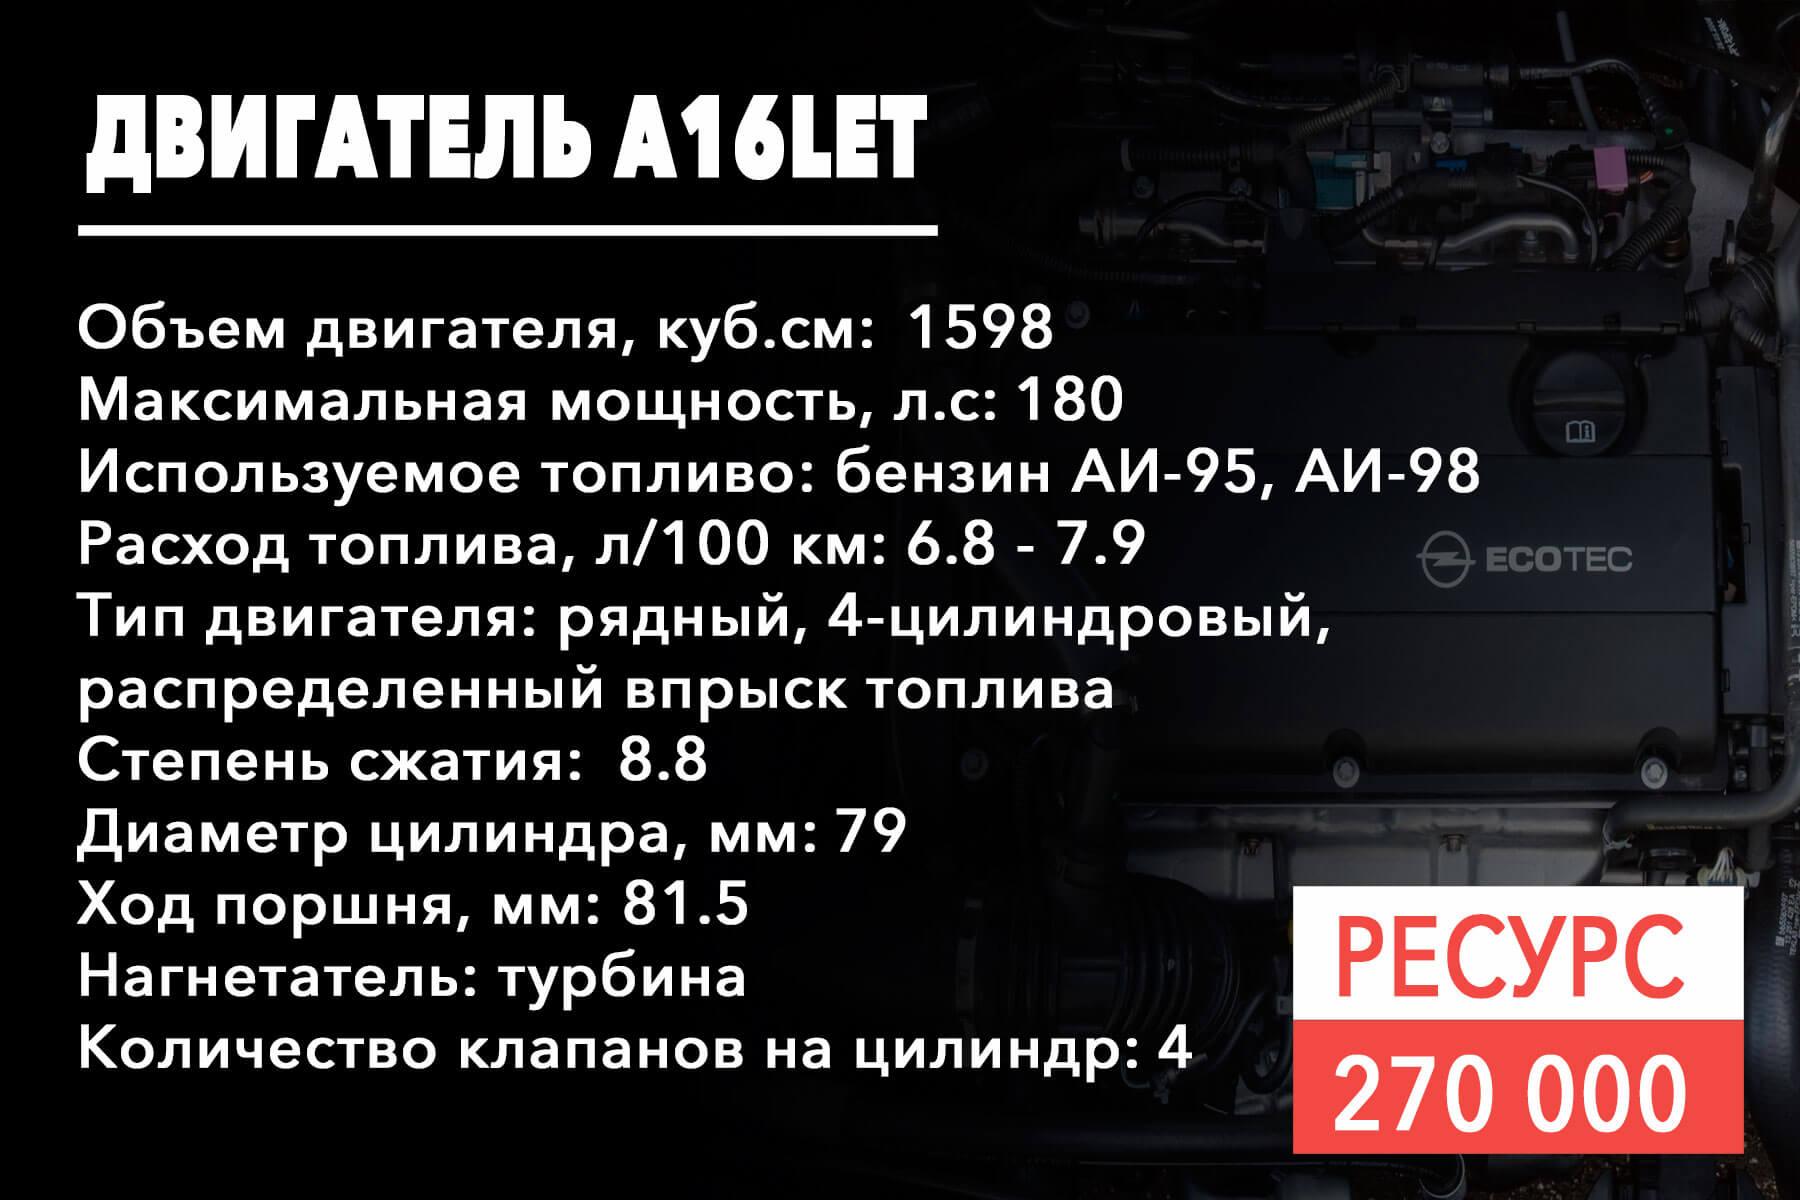 ресурс двигателя A16LET